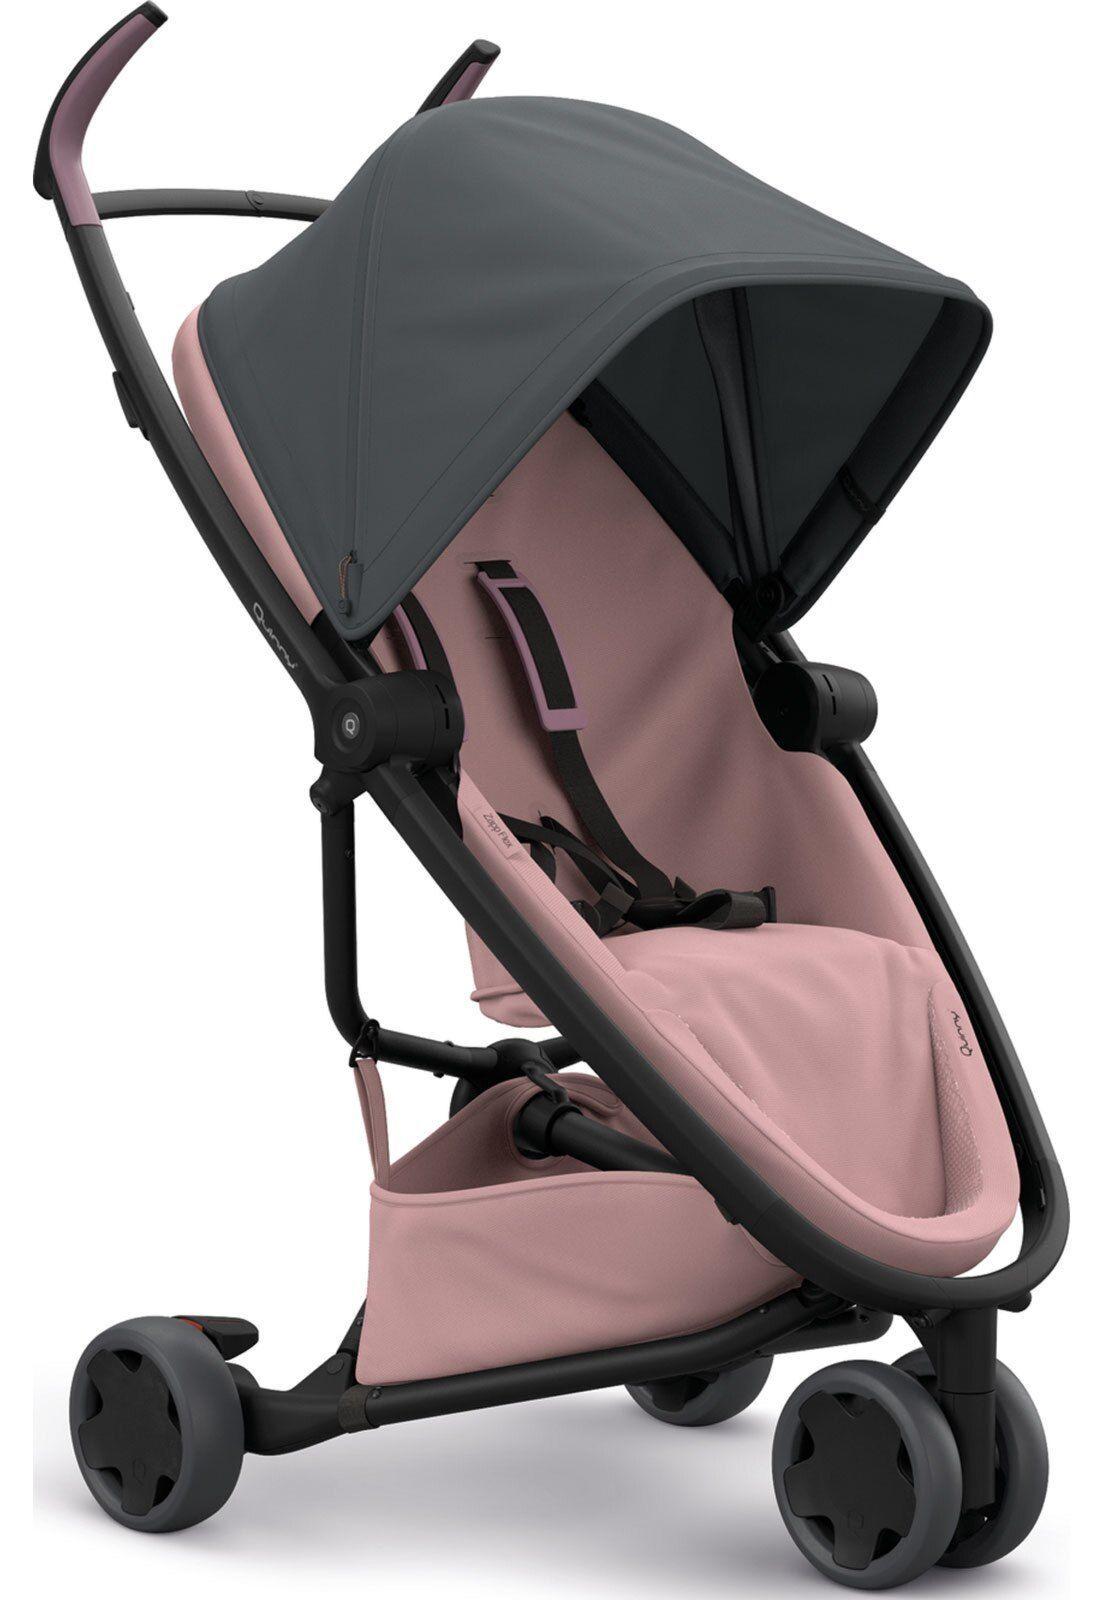 Carrinho de bebê Zapp Flex Quinny Graphite on Blush 2 Rosa